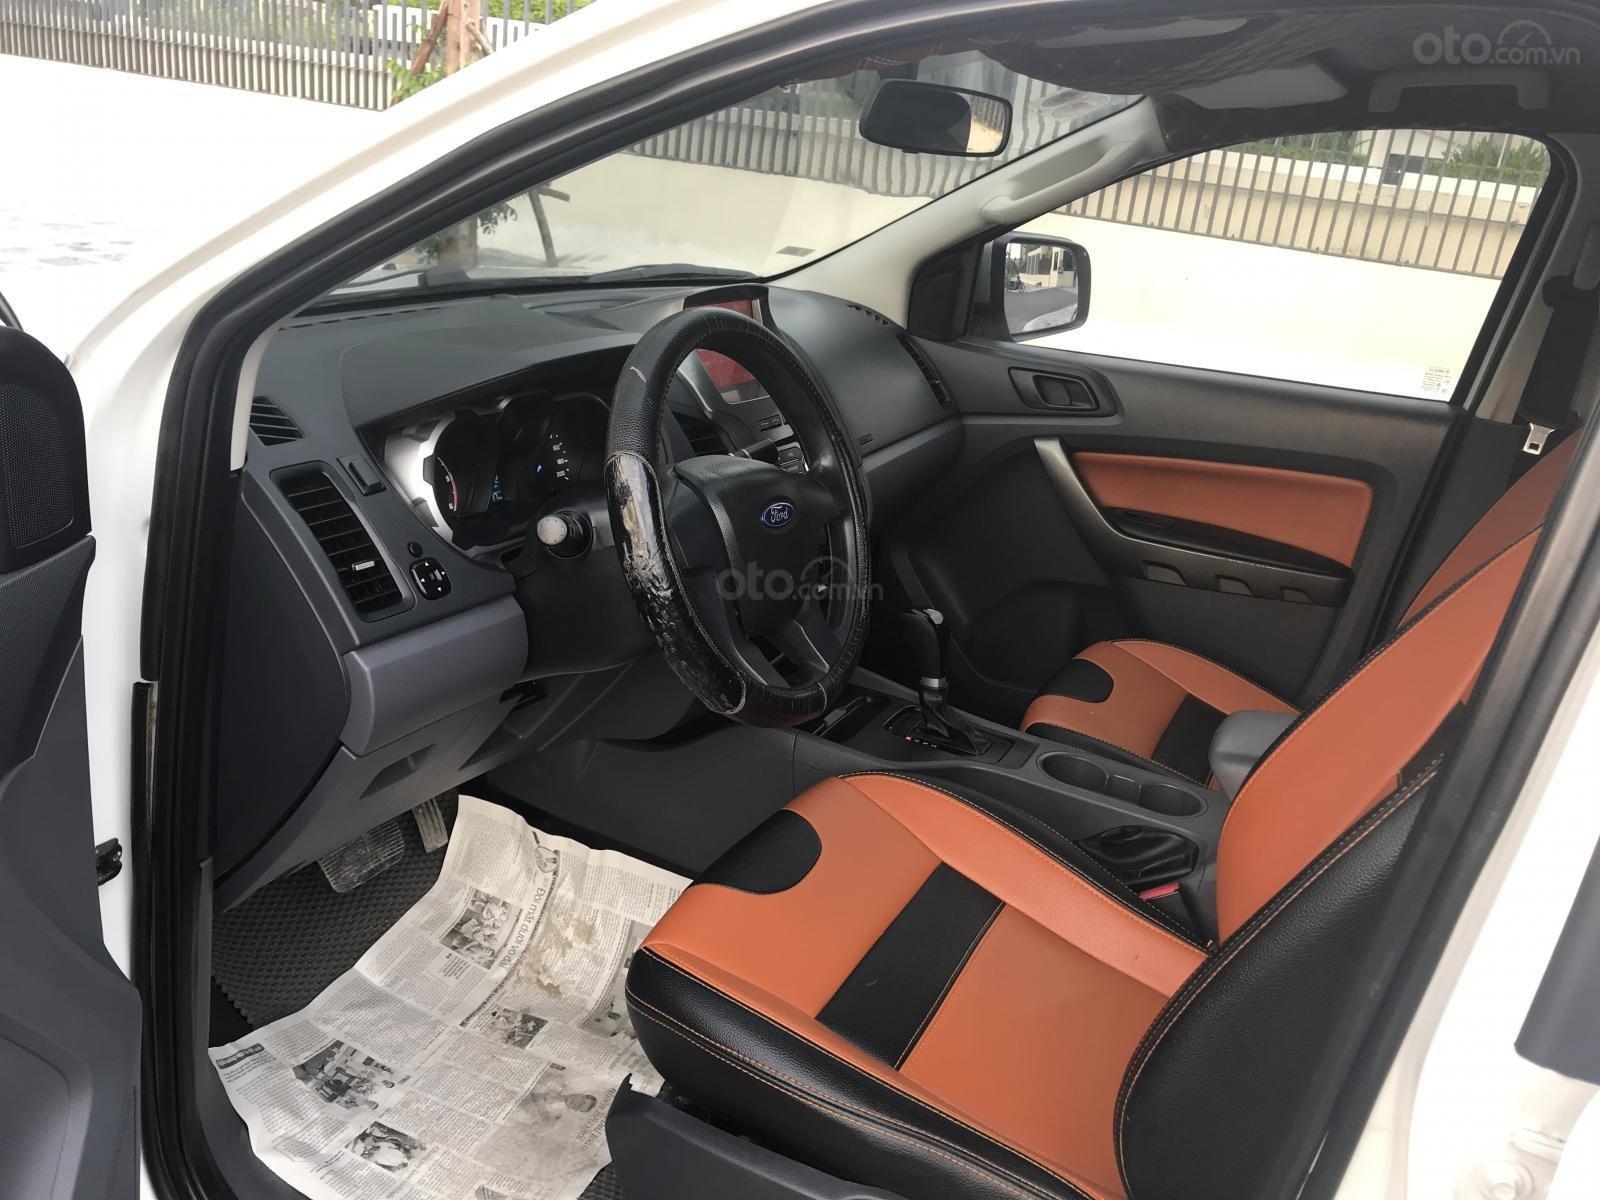 Cần bán gấp Ford Ranger 2.2 số tự động, SX 2014, xe đẹp (7)